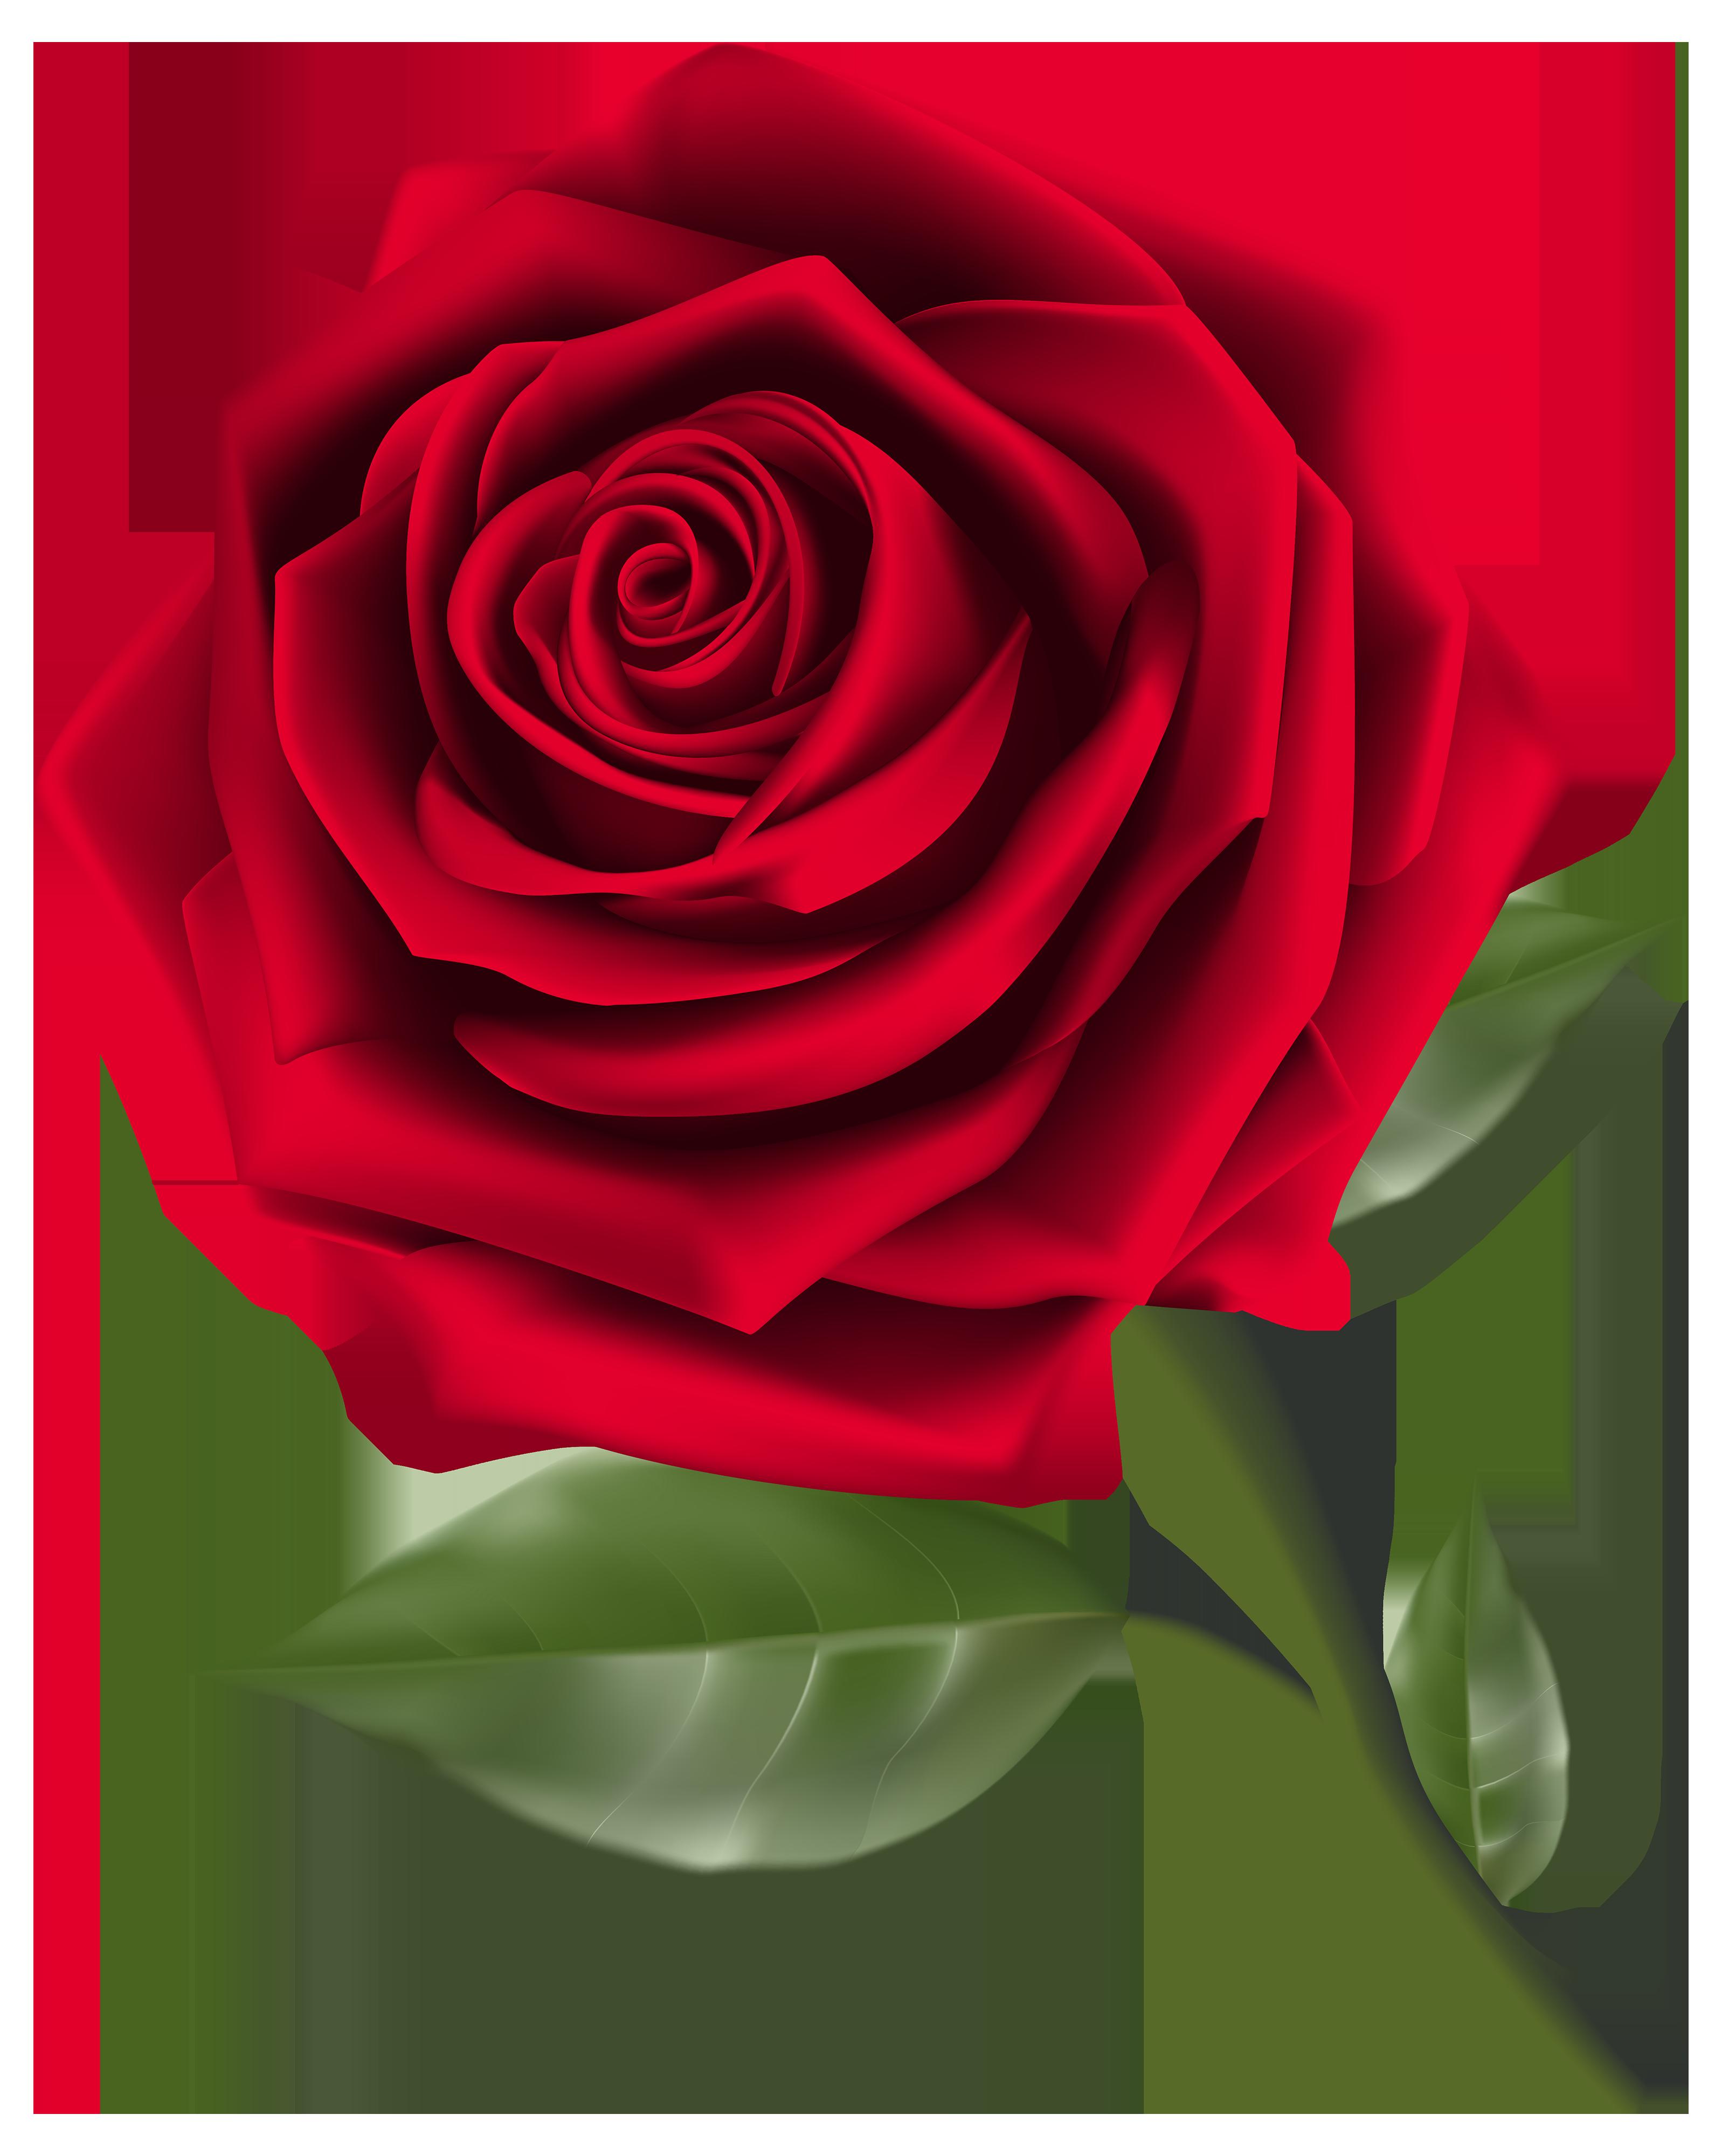 Rose PNG - 12786